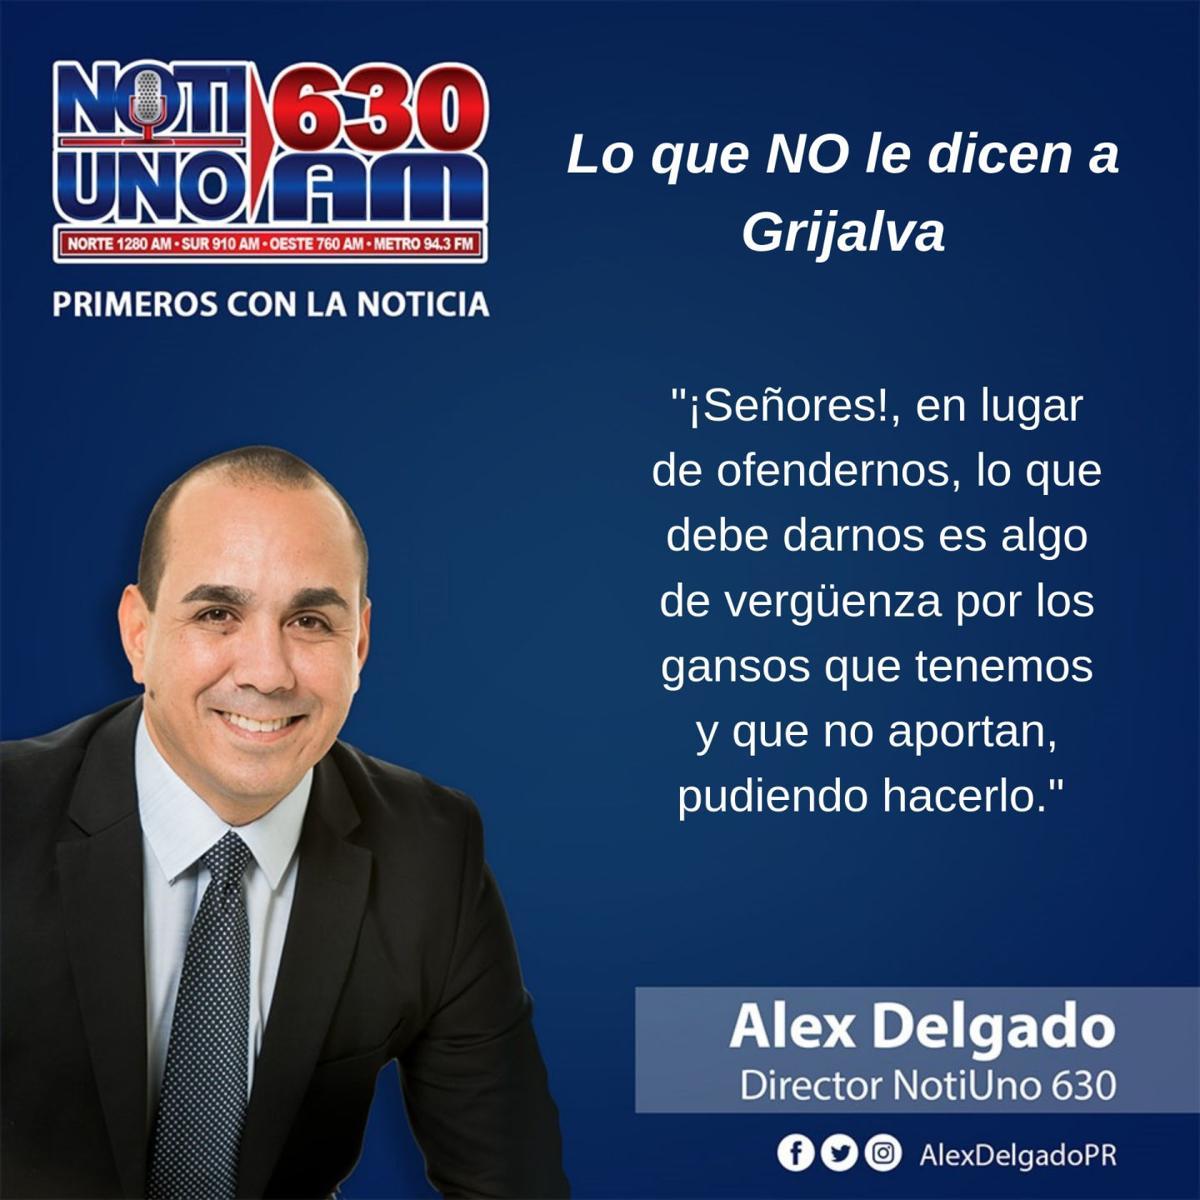 Alex Delgado - columna - Lo que no le dicen a Grijalva - mayo 6 2019 - 2